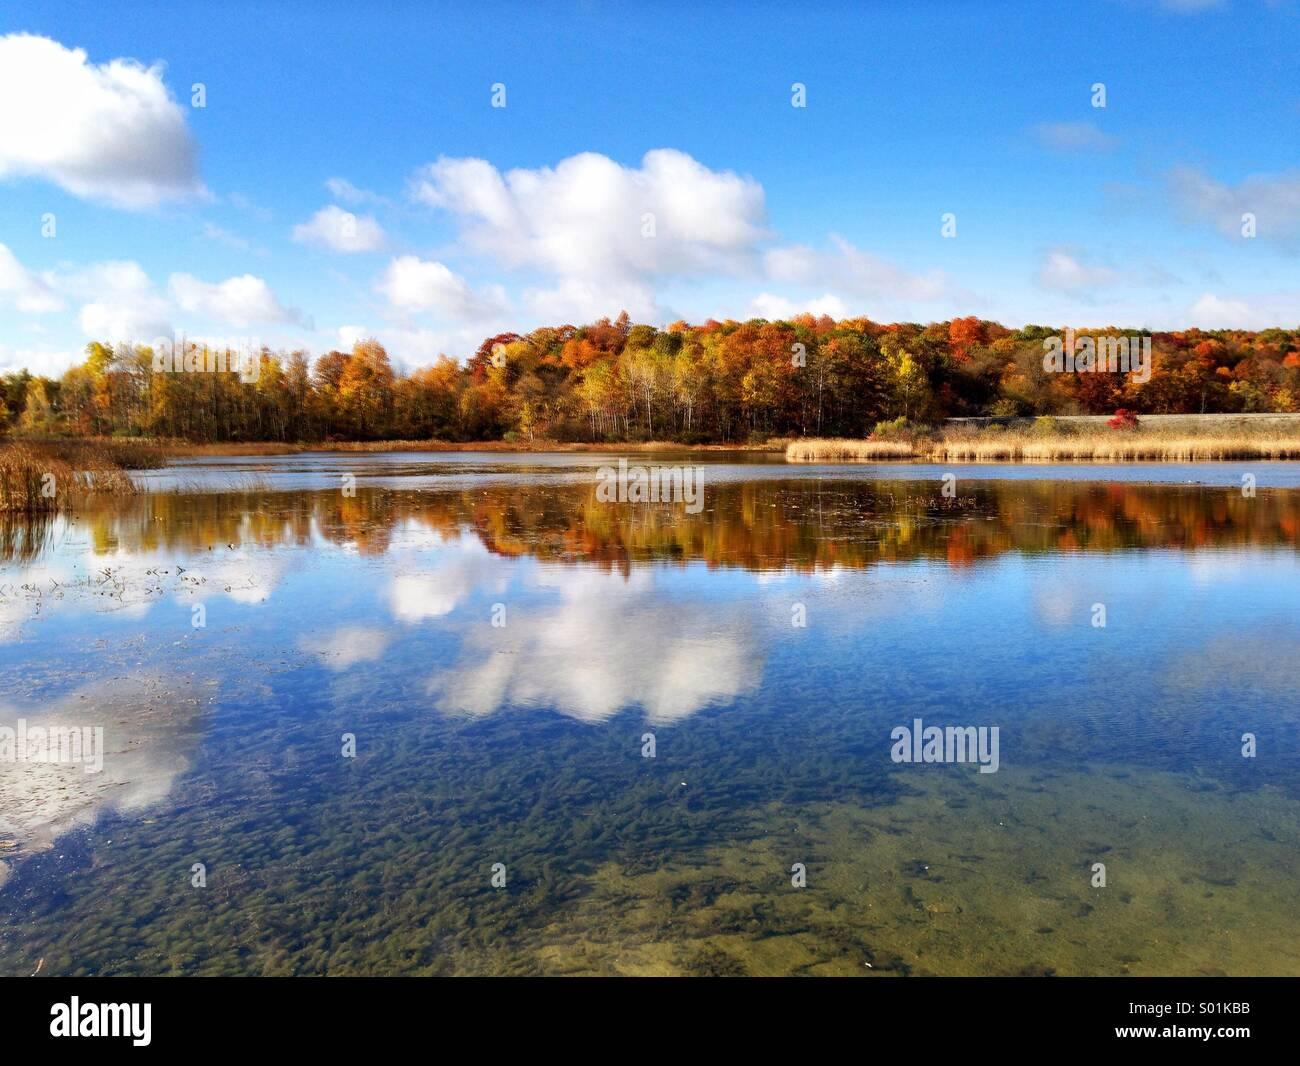 Fall Colors at Haven Hill Lake, Michigan - Stock Image